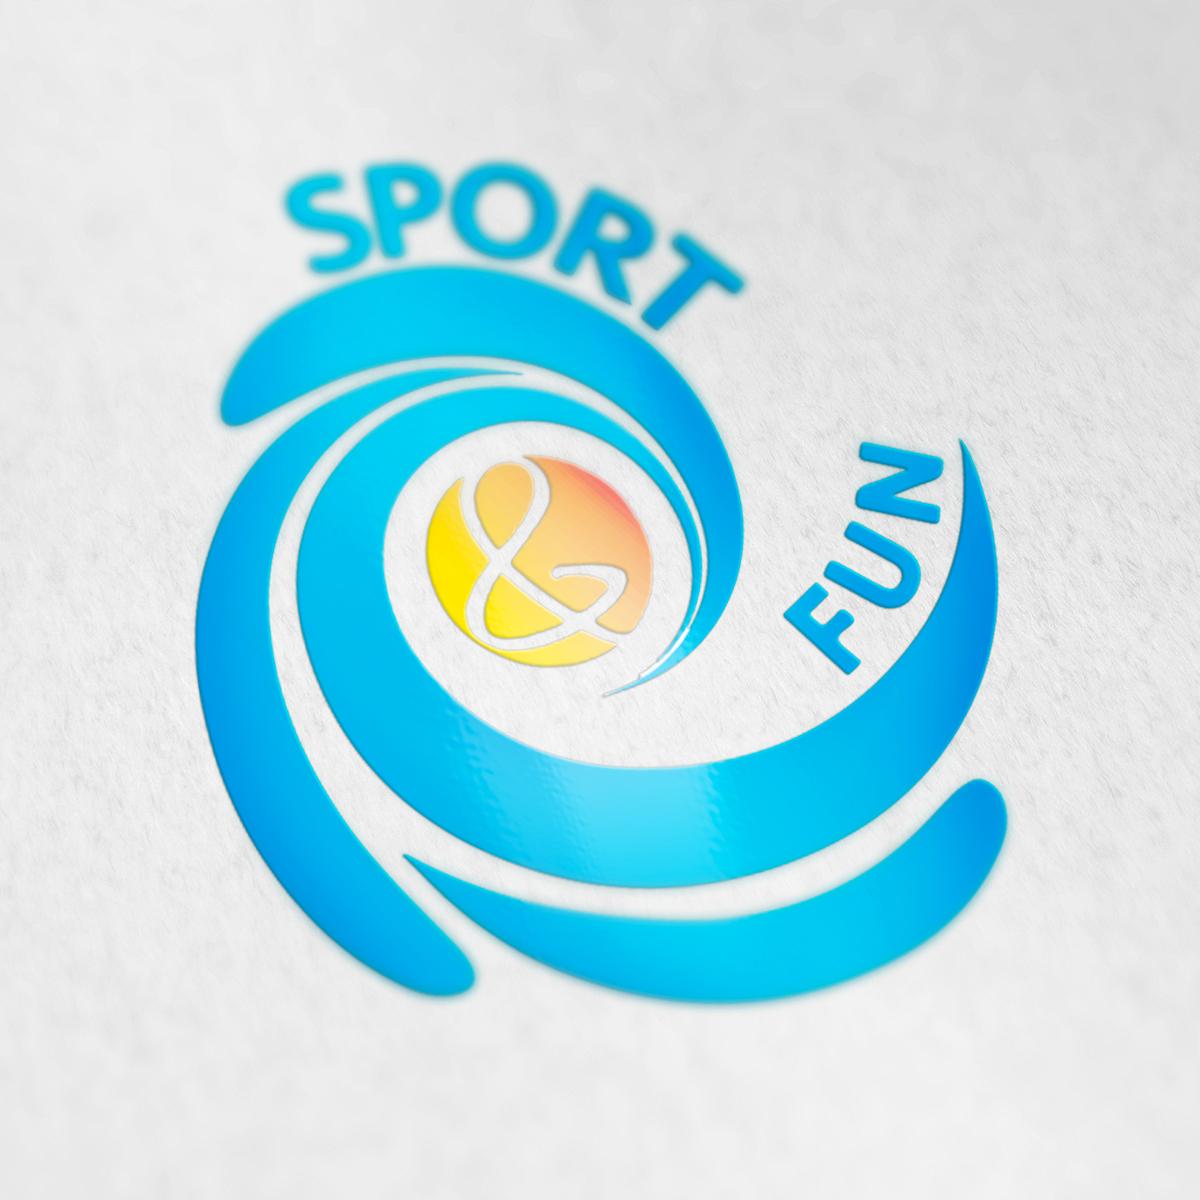 Sportandfun